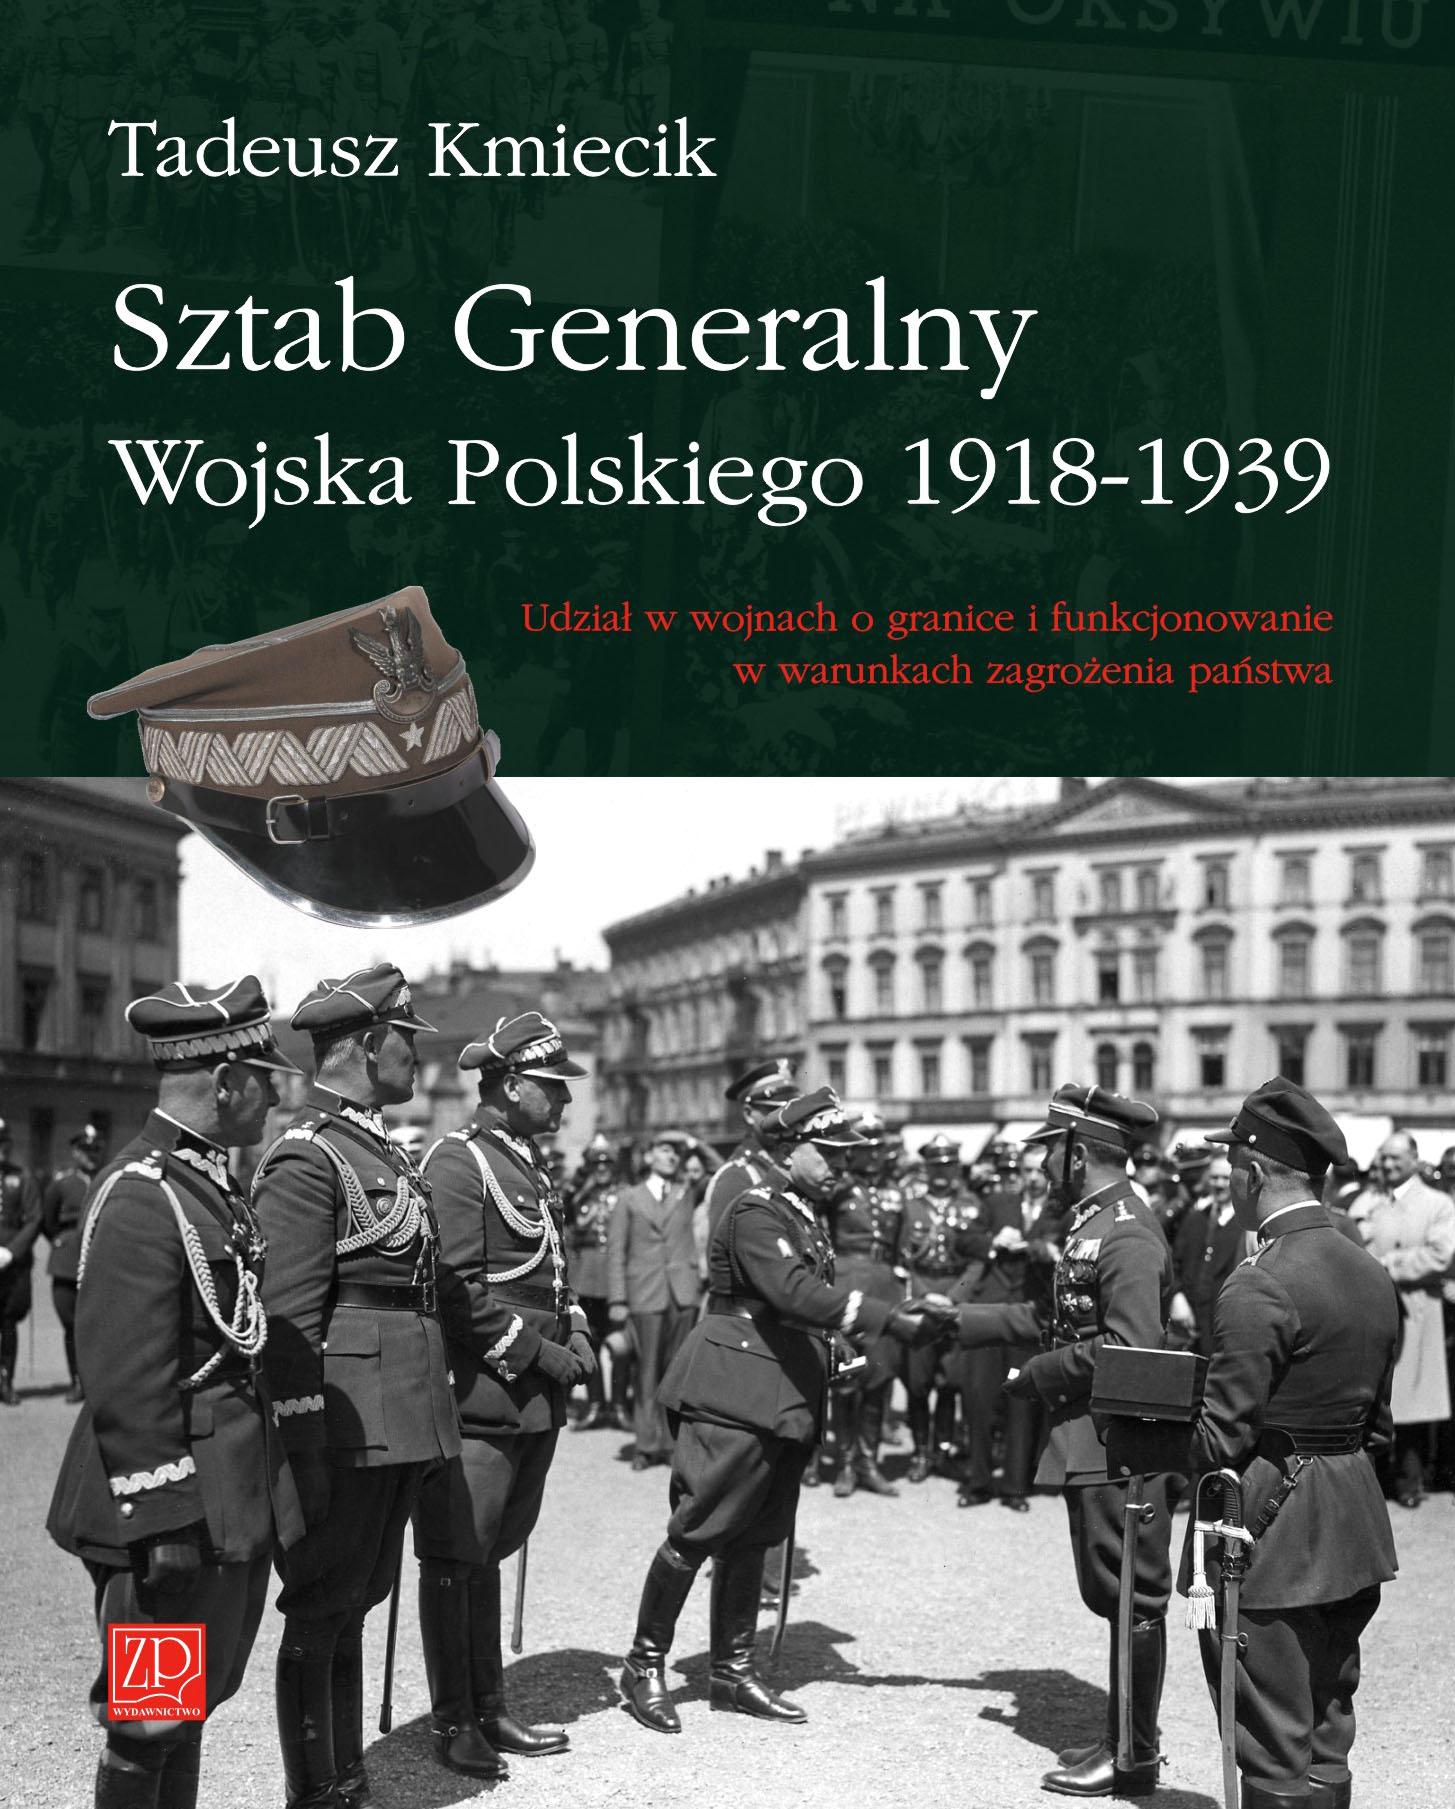 Sztab Generalny Wojska Polskiego 1918-1939 (T.Kmiecik)